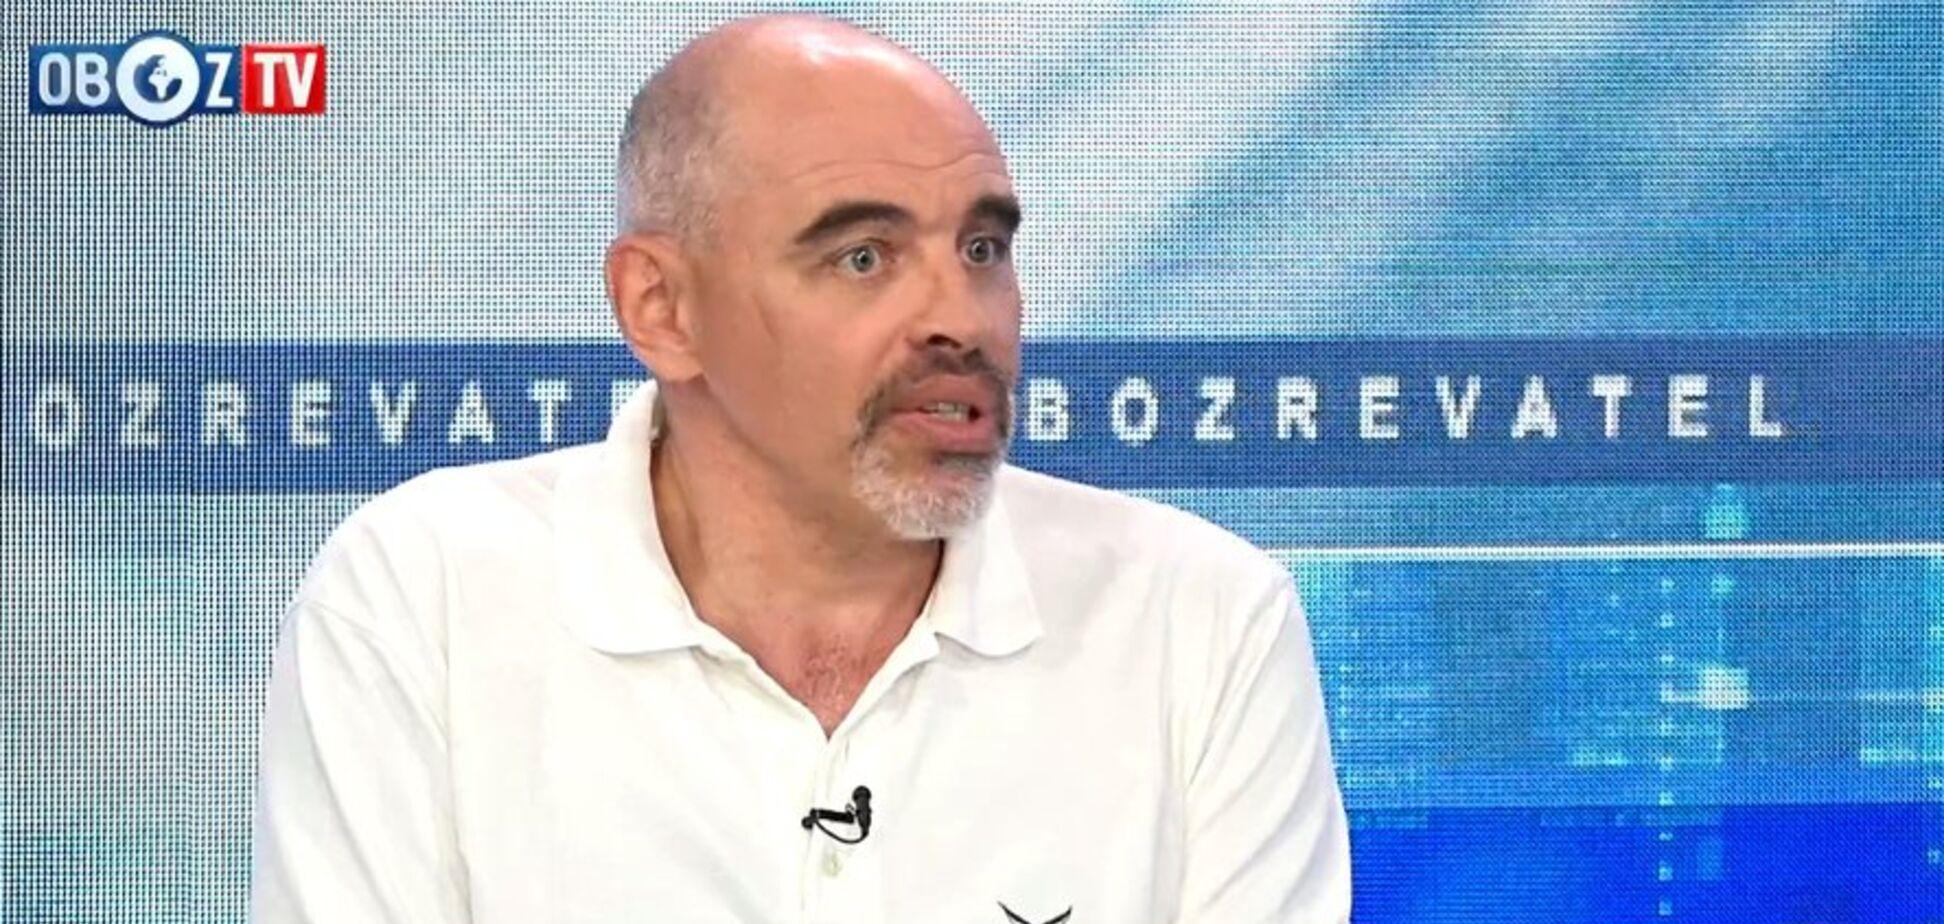 'Политика разделяет людей в Украине': психолог посоветовал, как не ссориться из-за выборов